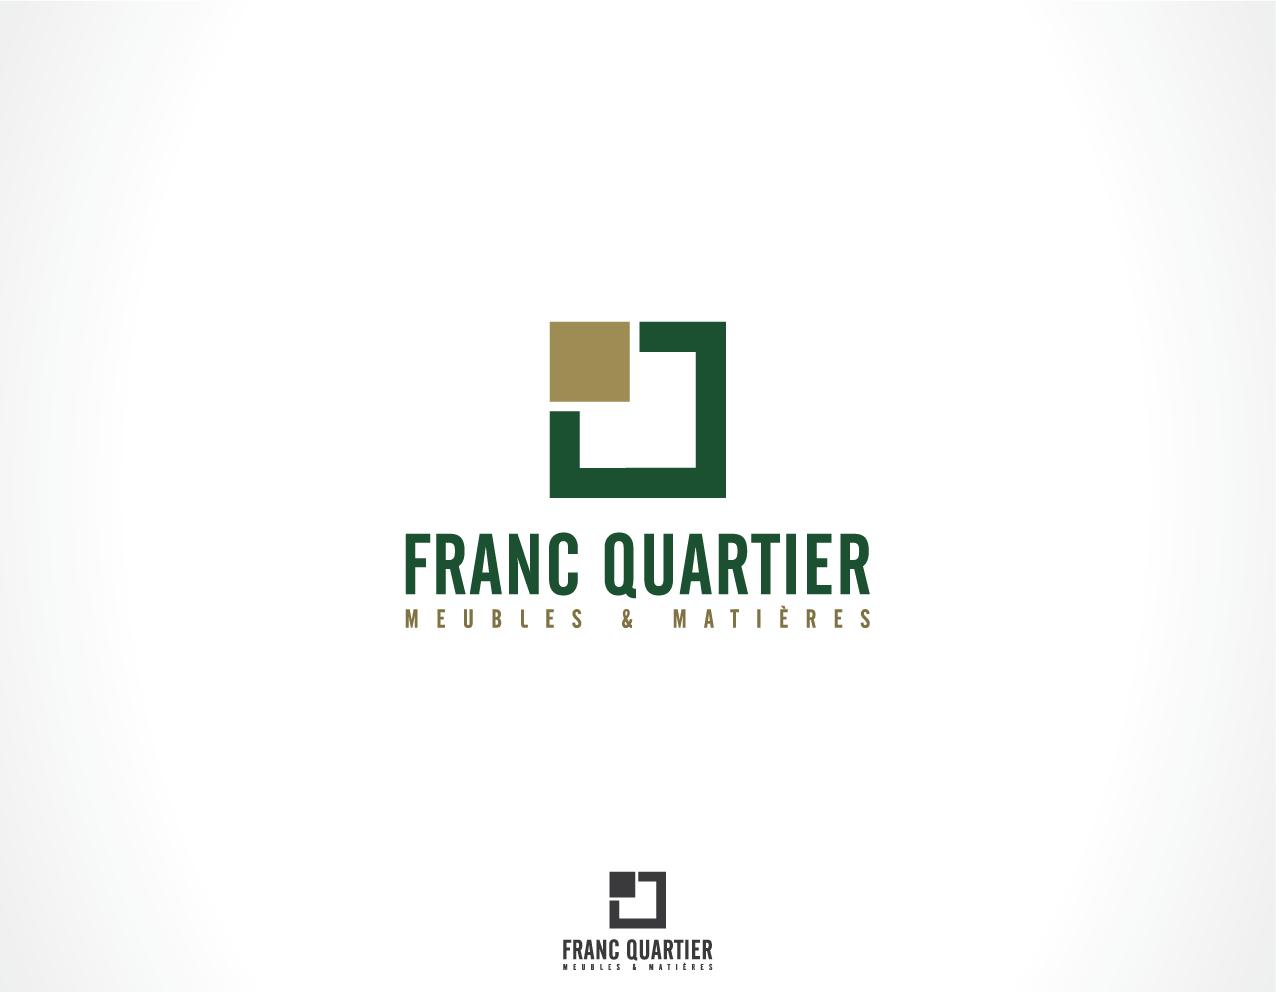 Franc Quartier needs a new logo